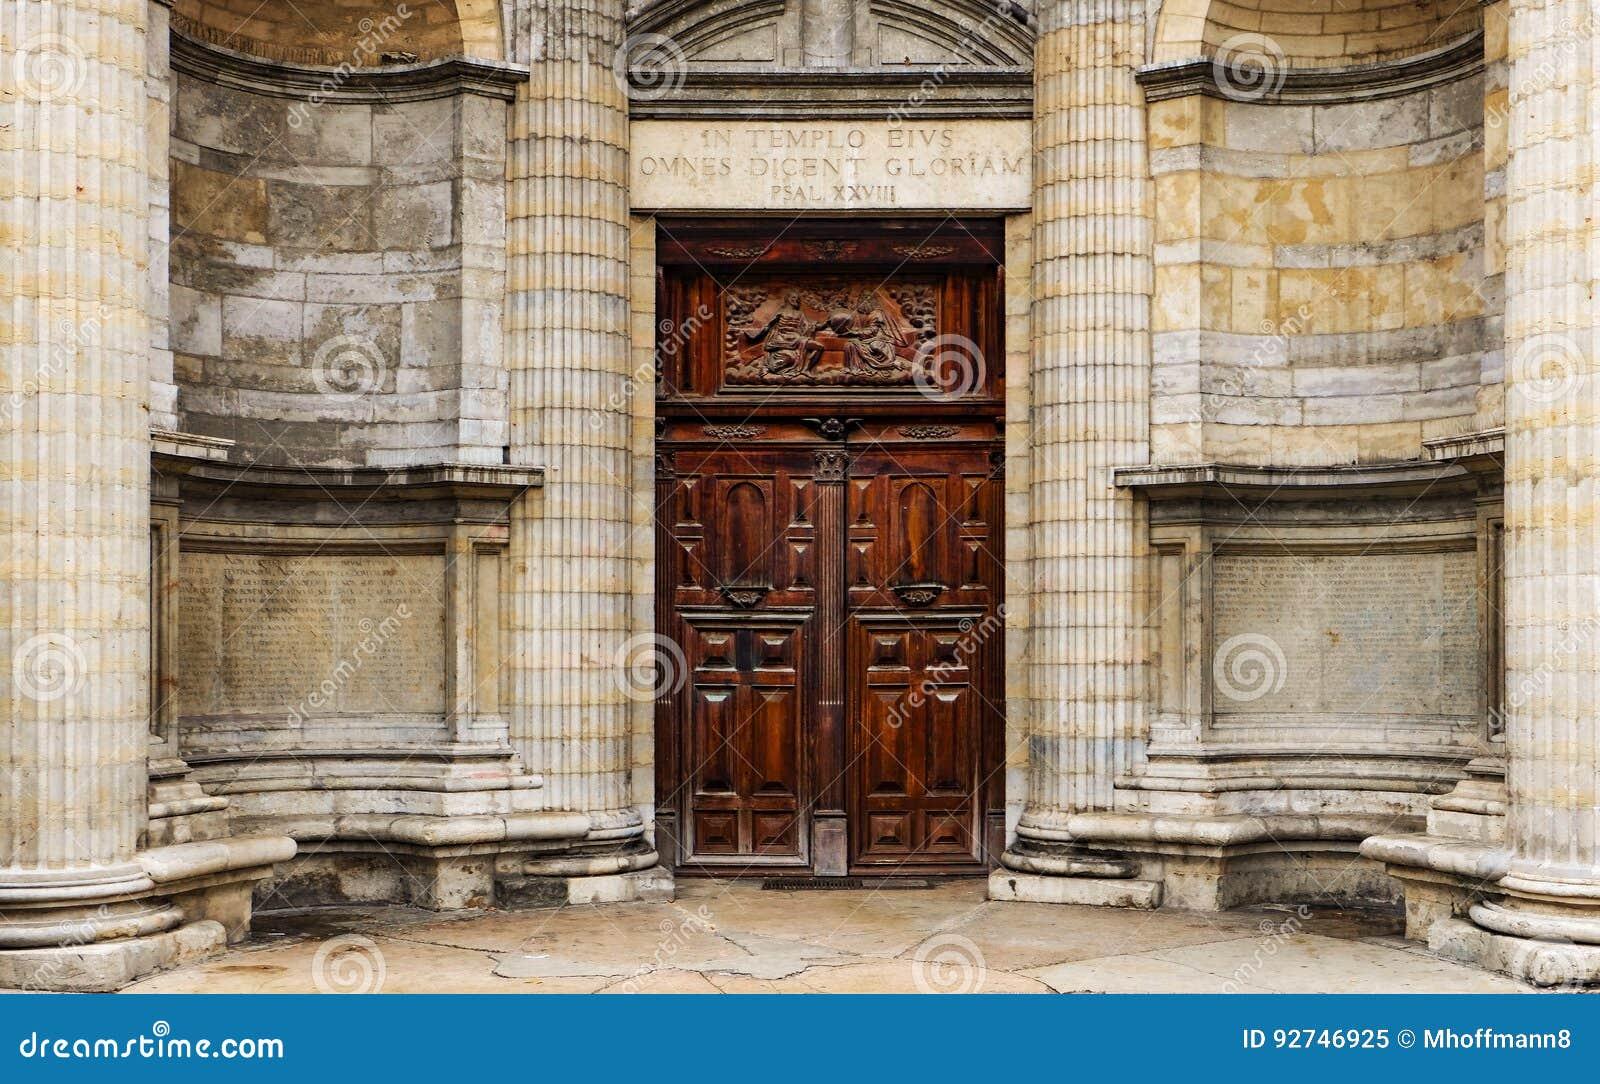 Ciężki drewniany dwoisty drzwi na zewnątrz starego kościół z religijnymi ulgami i inskrypcjami